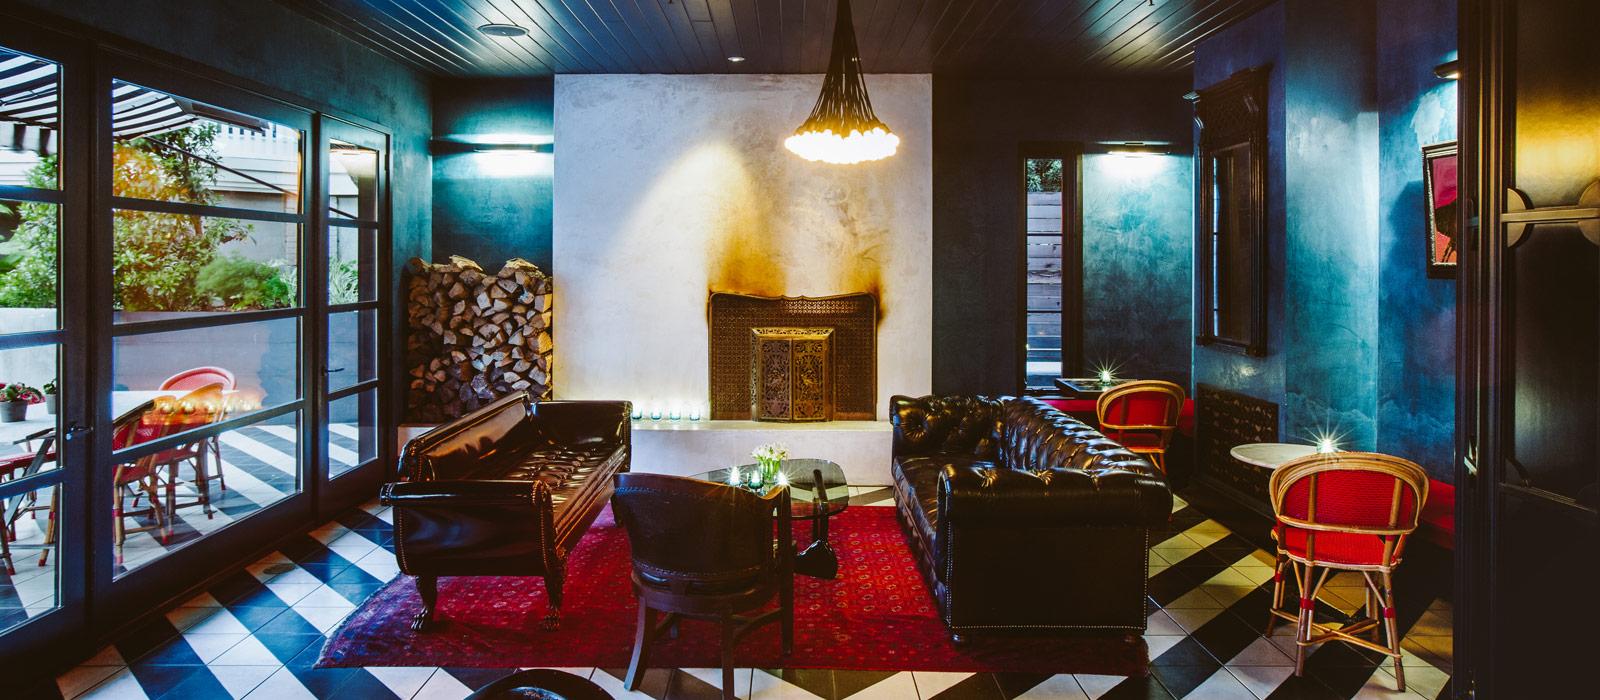 Hotel Saint Cecilia lounge area